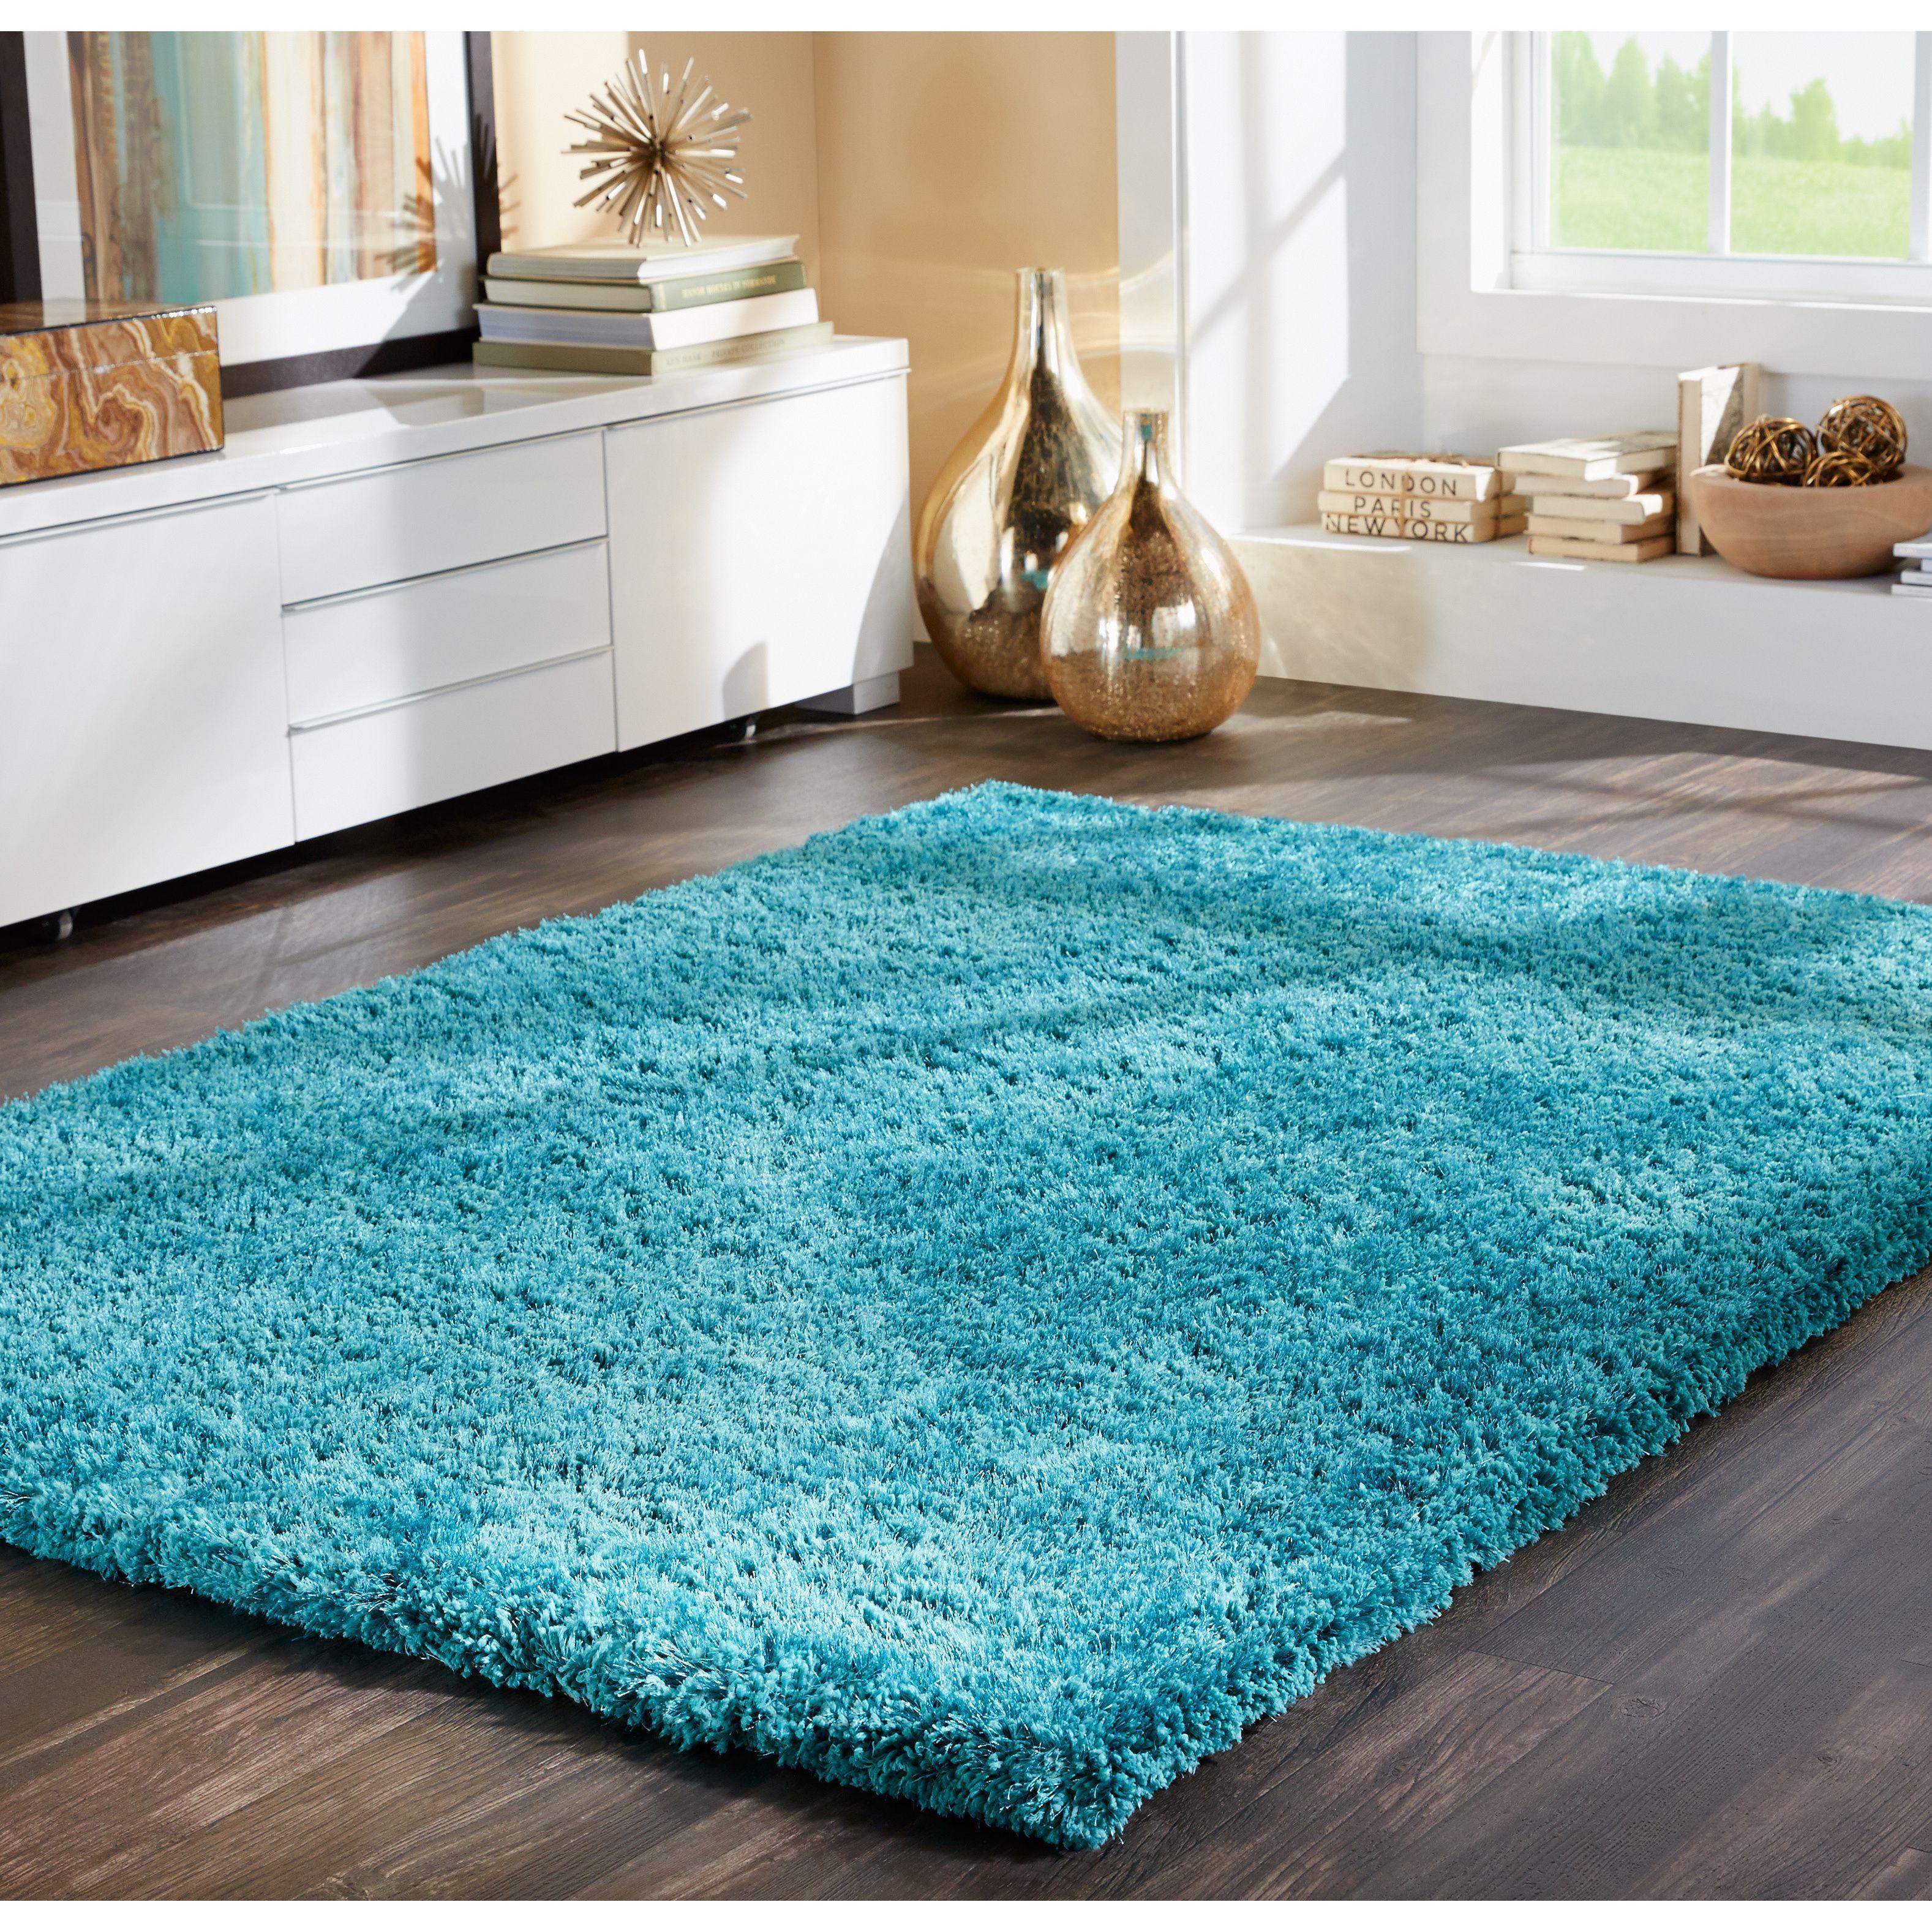 Style Haven Indoor Teal Shag Area Rug 8 X 11 Green Size 8 X 11 Polyester Solid Shag Area Rug Area Rugs Teal Rug